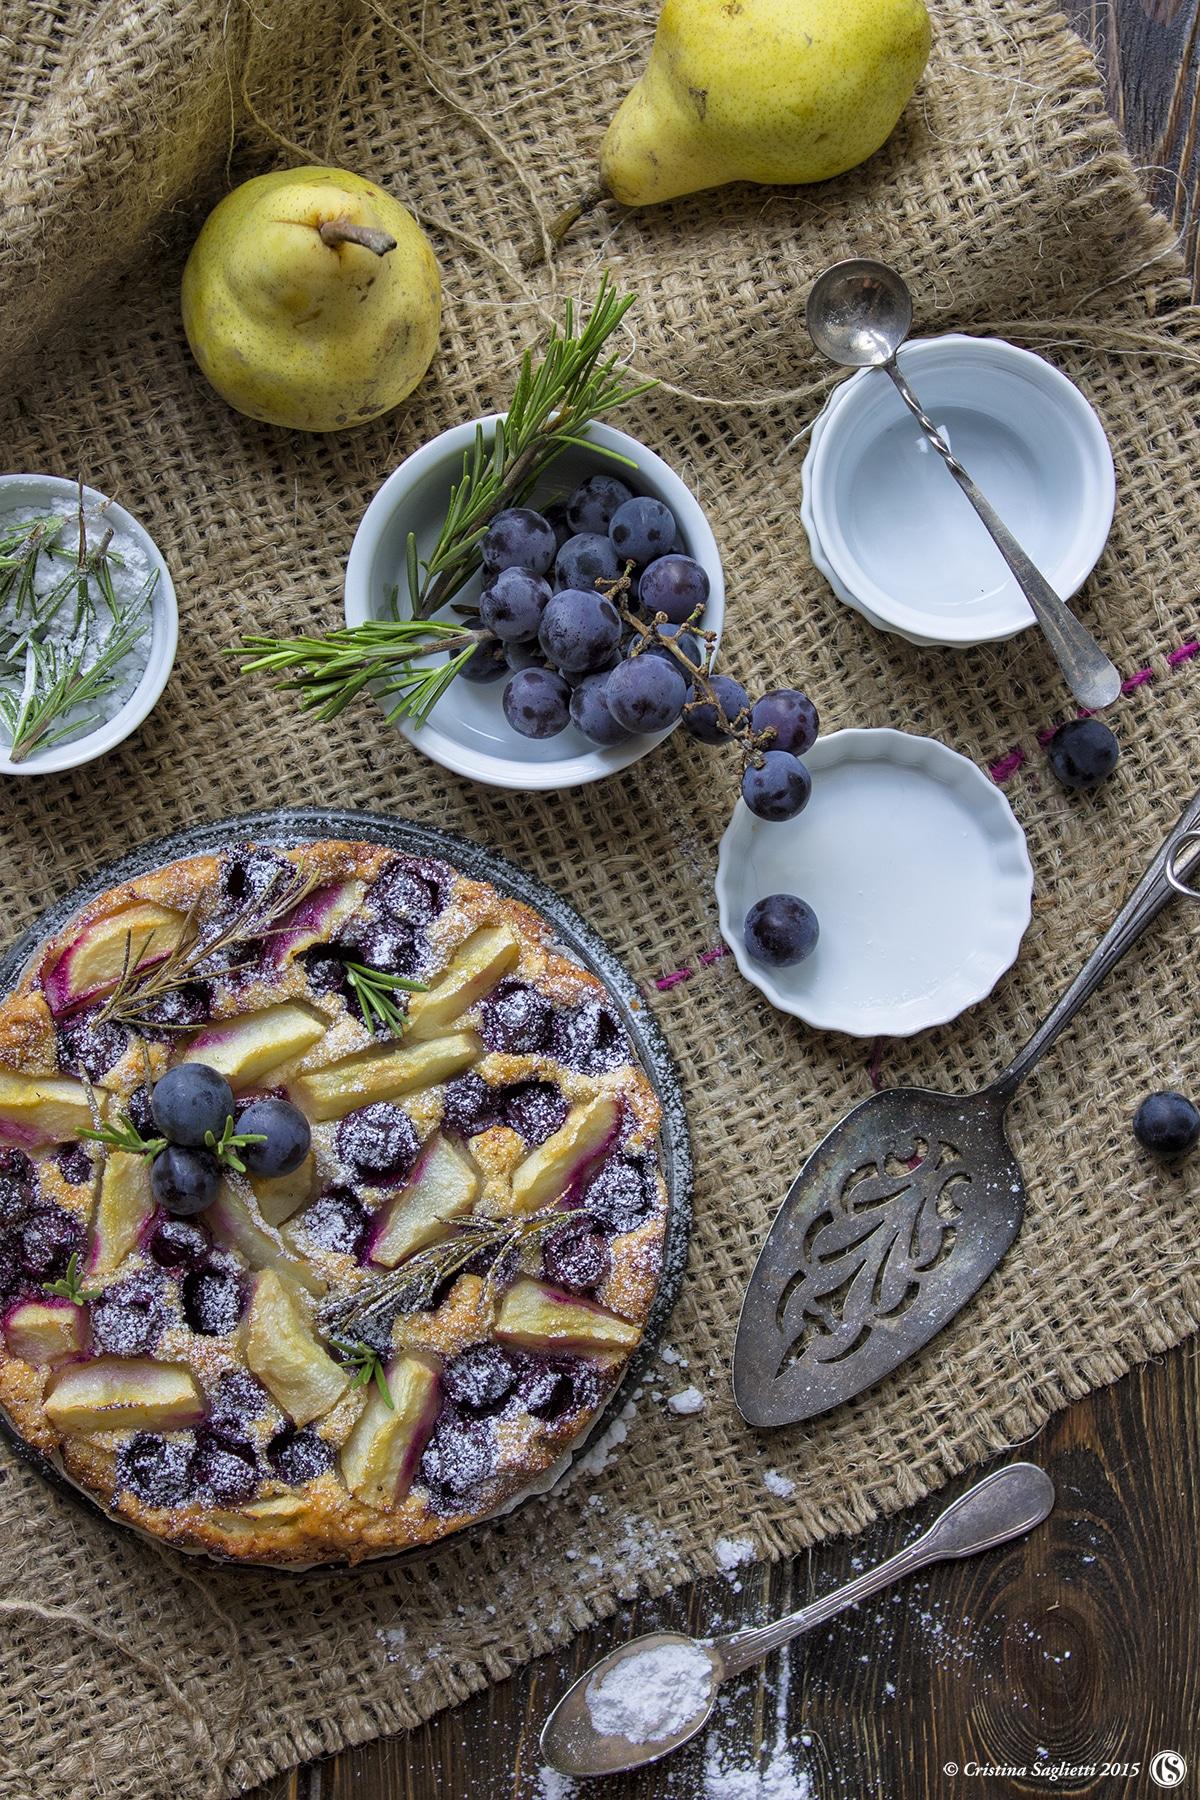 torta-uva-fragola-pere-dolci-con-la-frutta-contemporaneo-food